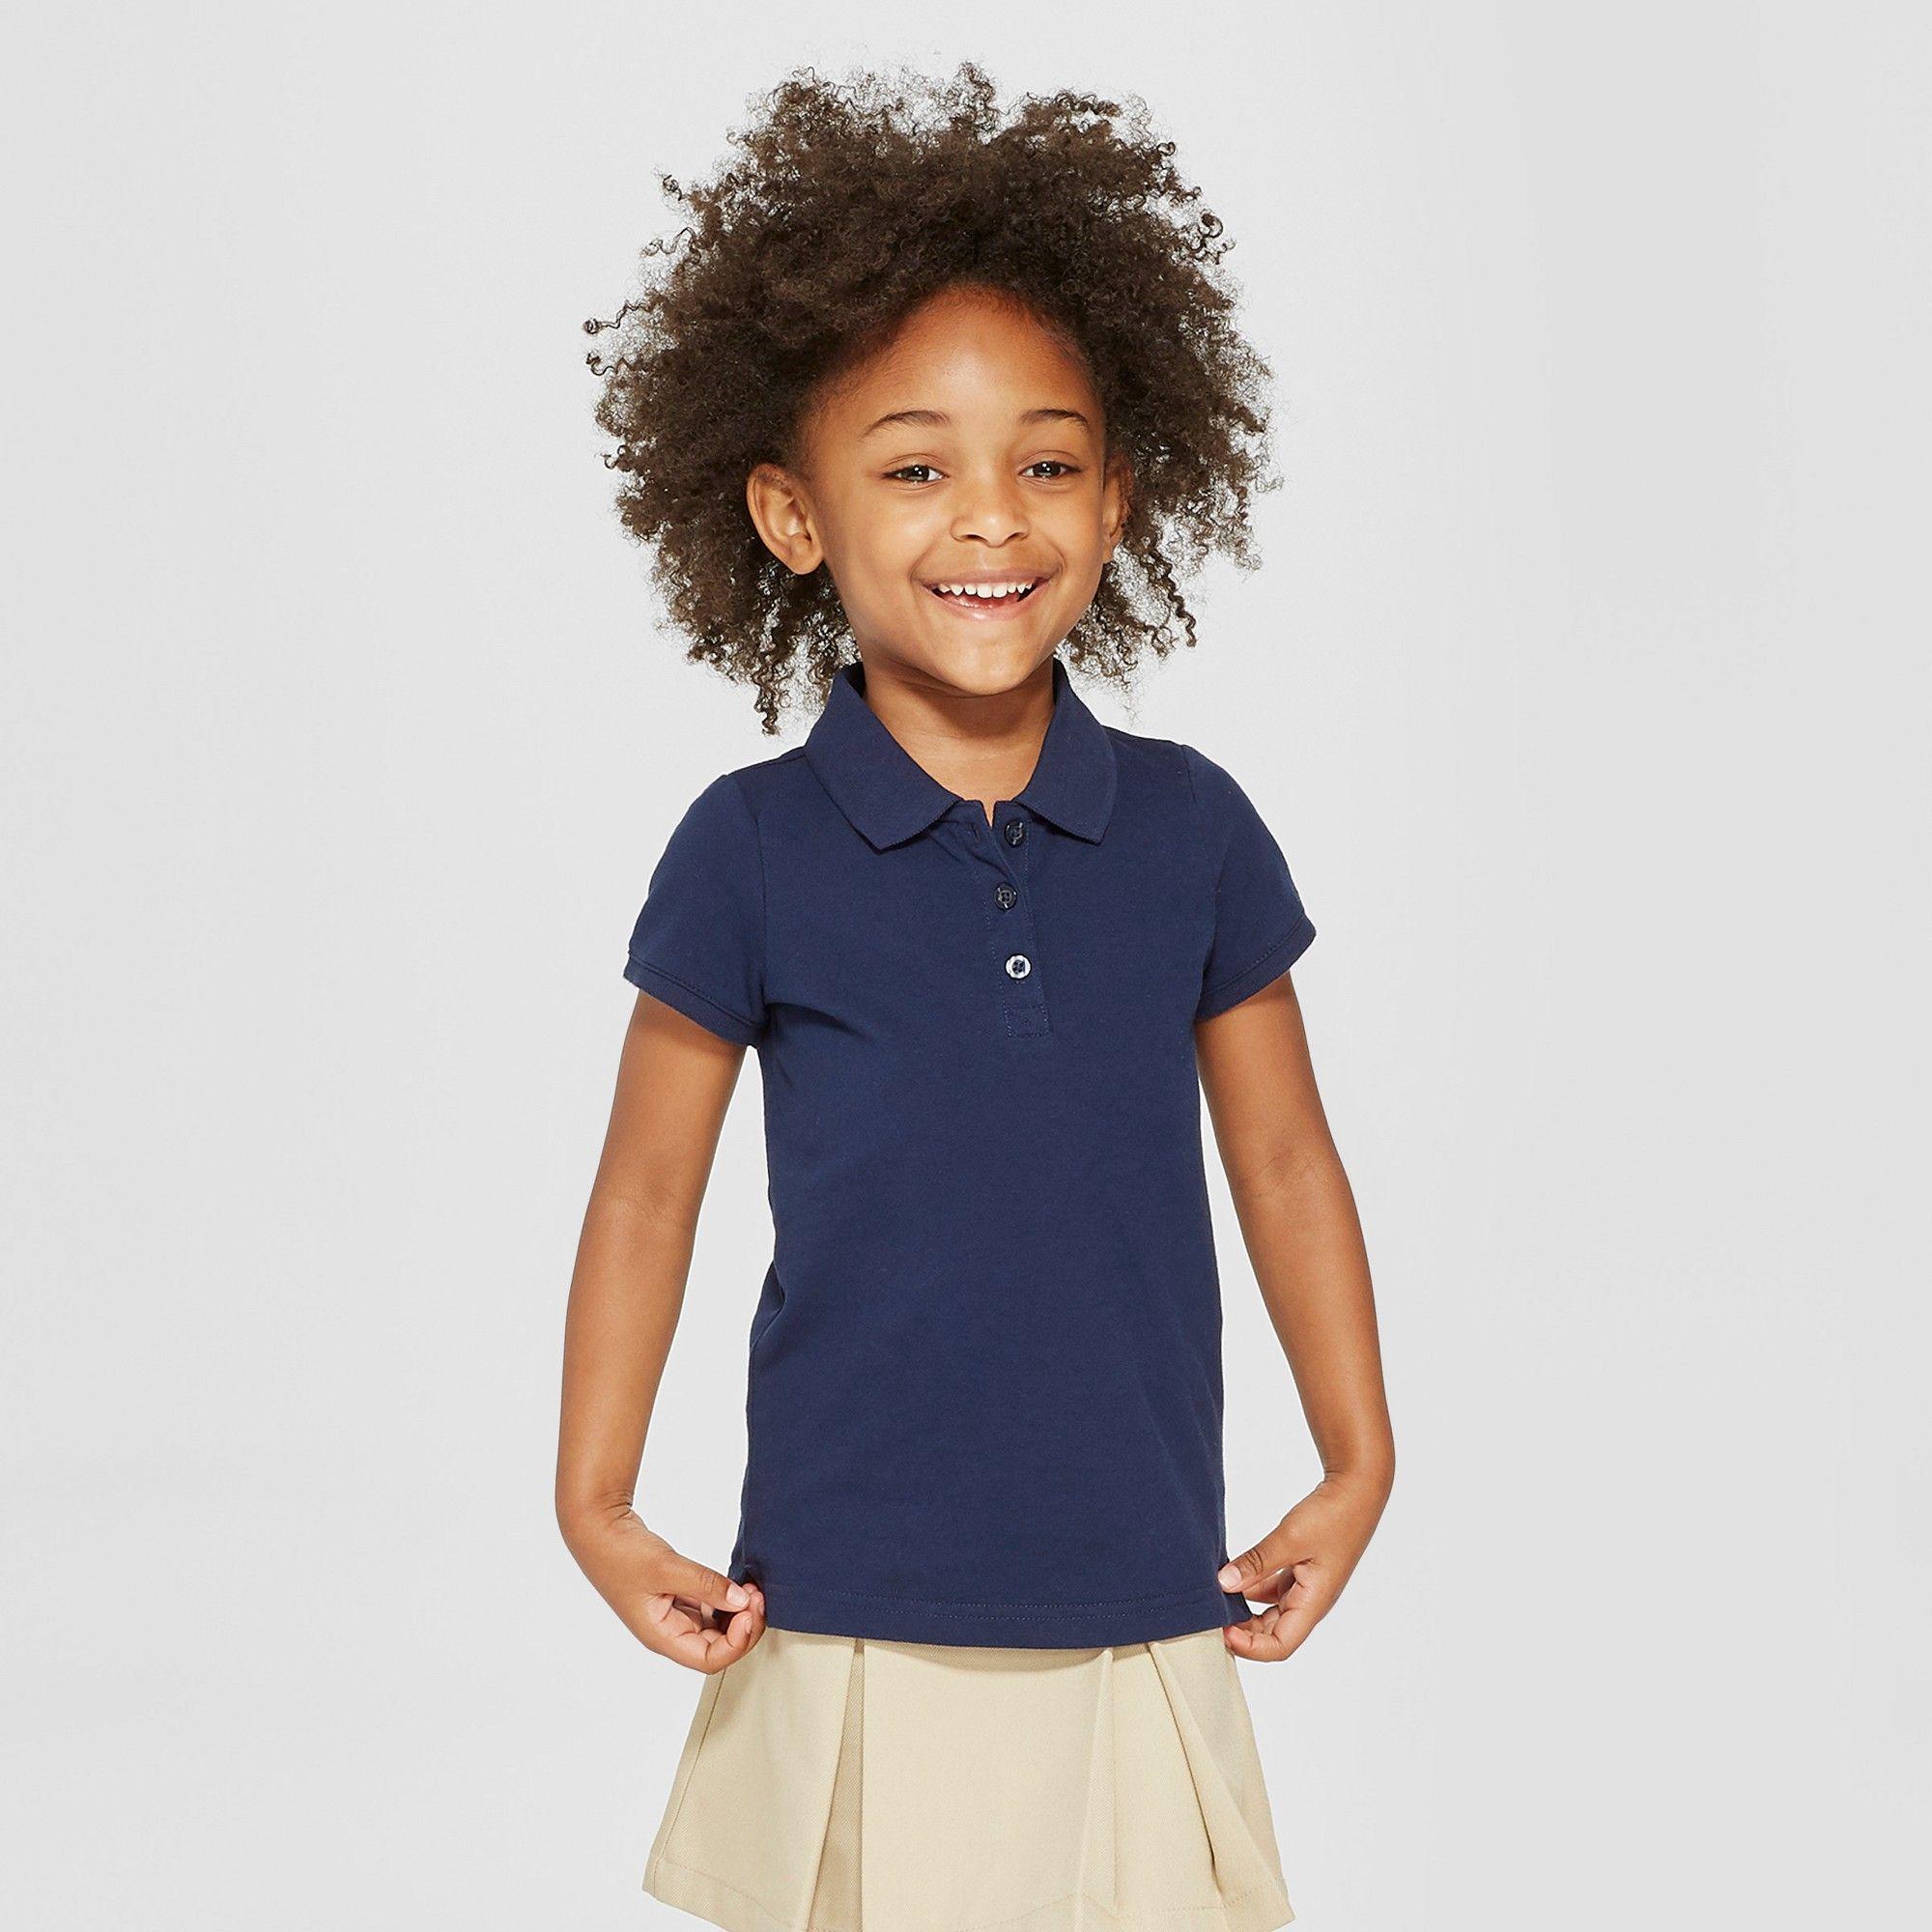 684487aac Toddler Girls' Short Sleeve Pique Polo Shirt - Cat & Jack Navy (Blue) 3T